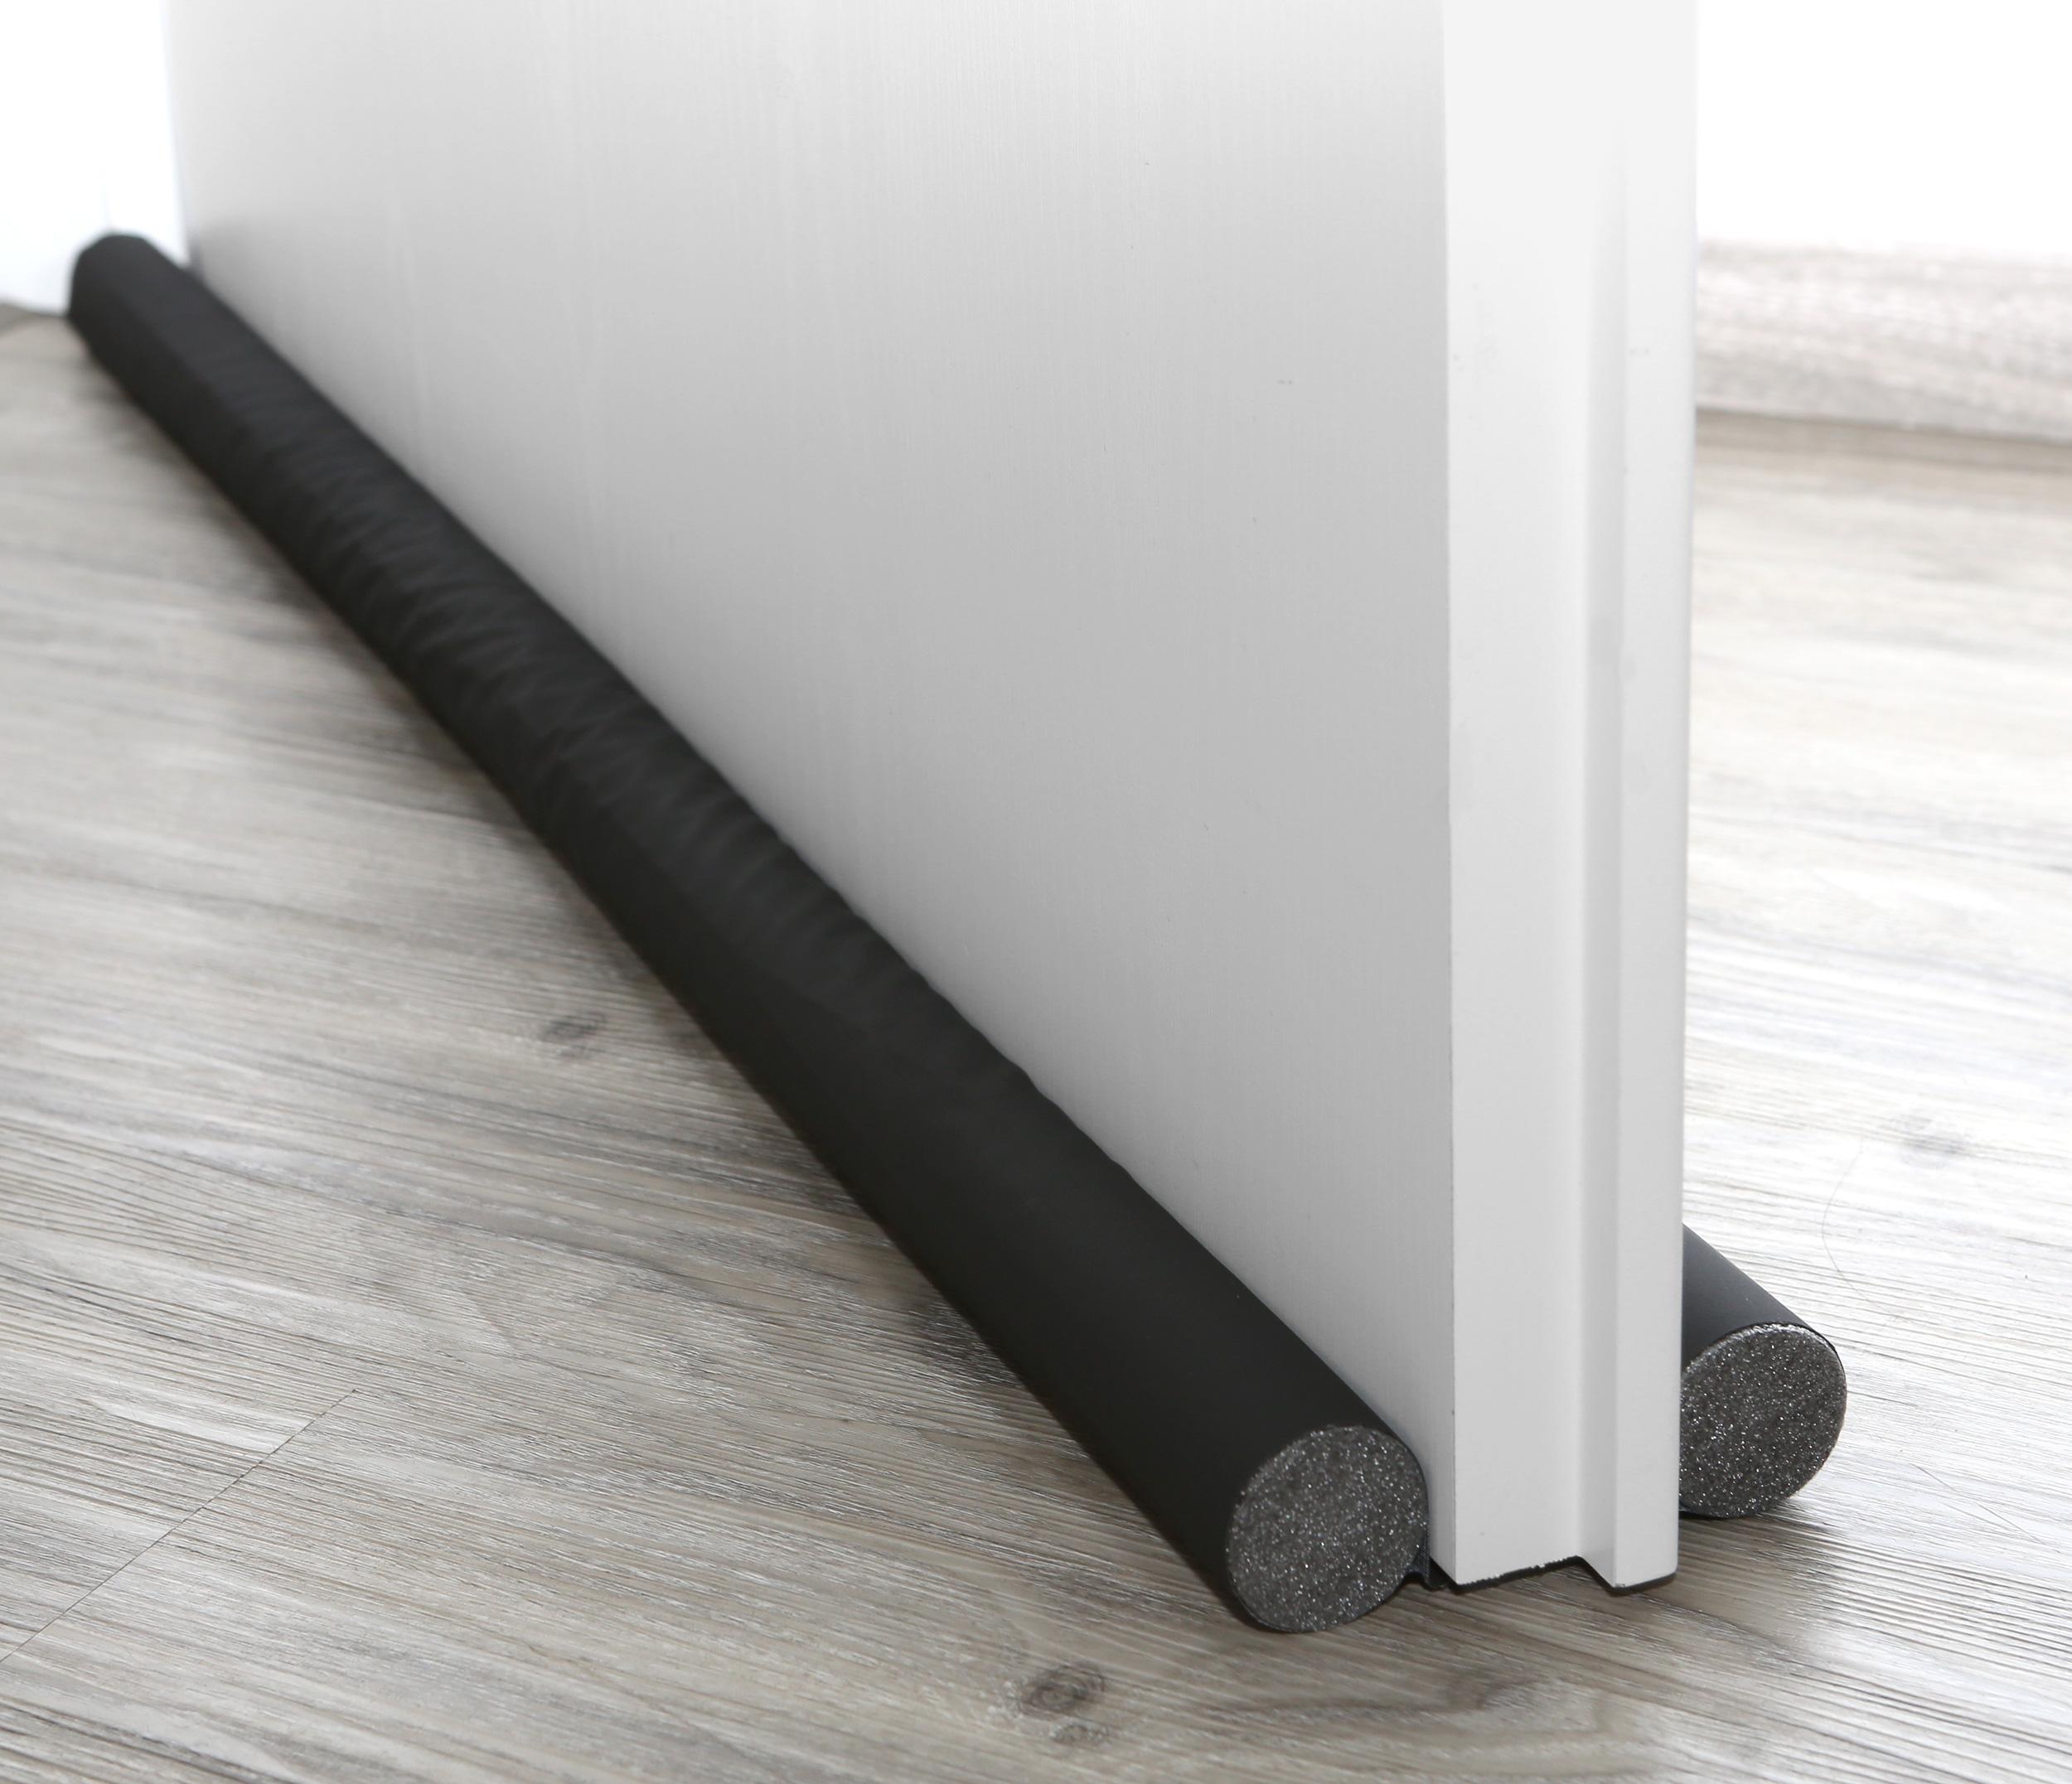 universell zugluftstopper f r t ren 96 cm zuschneidbare t rdichtung mit 2 seiten schutz sonstiges. Black Bedroom Furniture Sets. Home Design Ideas